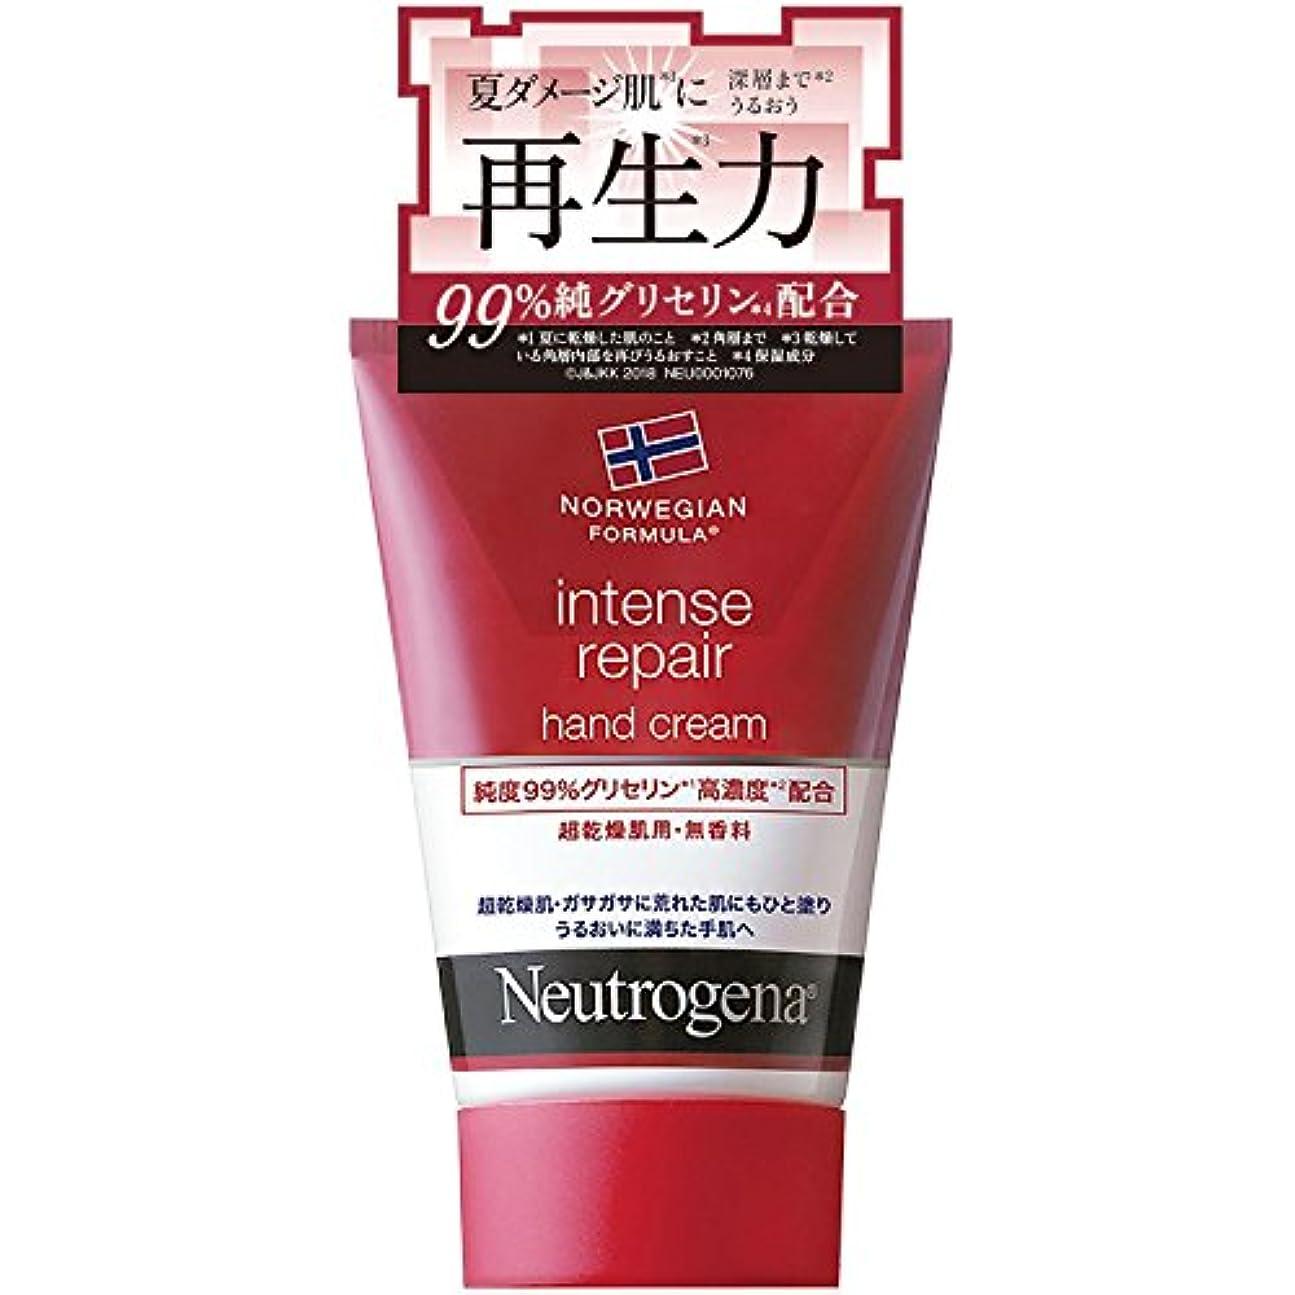 伝染性のキャンベラ確かにNeutrogena(ニュートロジーナ) ノルウェーフォーミュラ インテンスリペア ハンドクリーム 超乾燥肌用 無香料 単品 50g